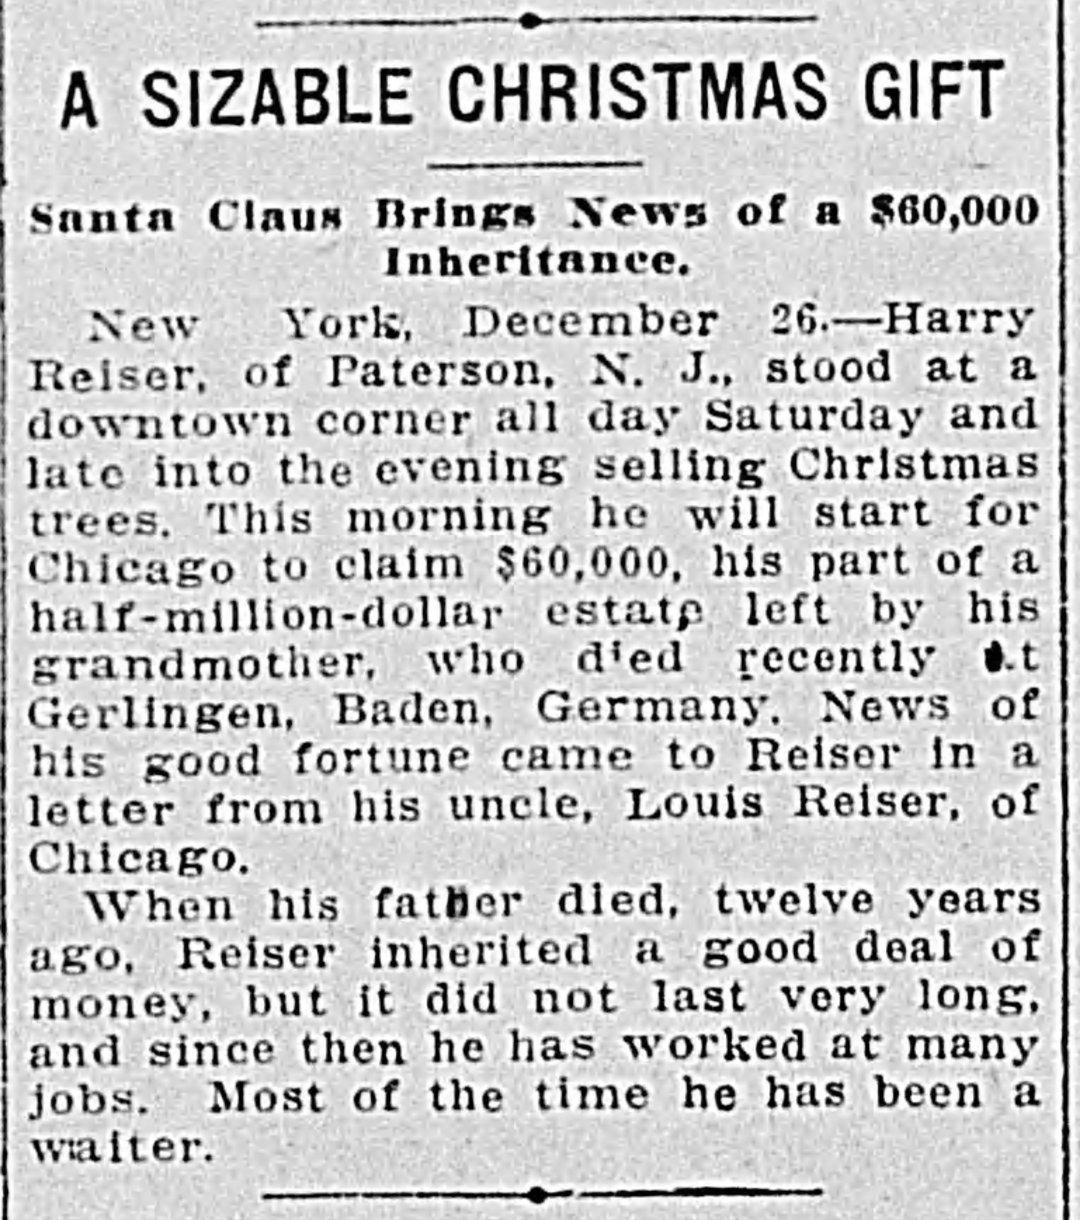 the_times_dispatch_tue__dec_27__1910_